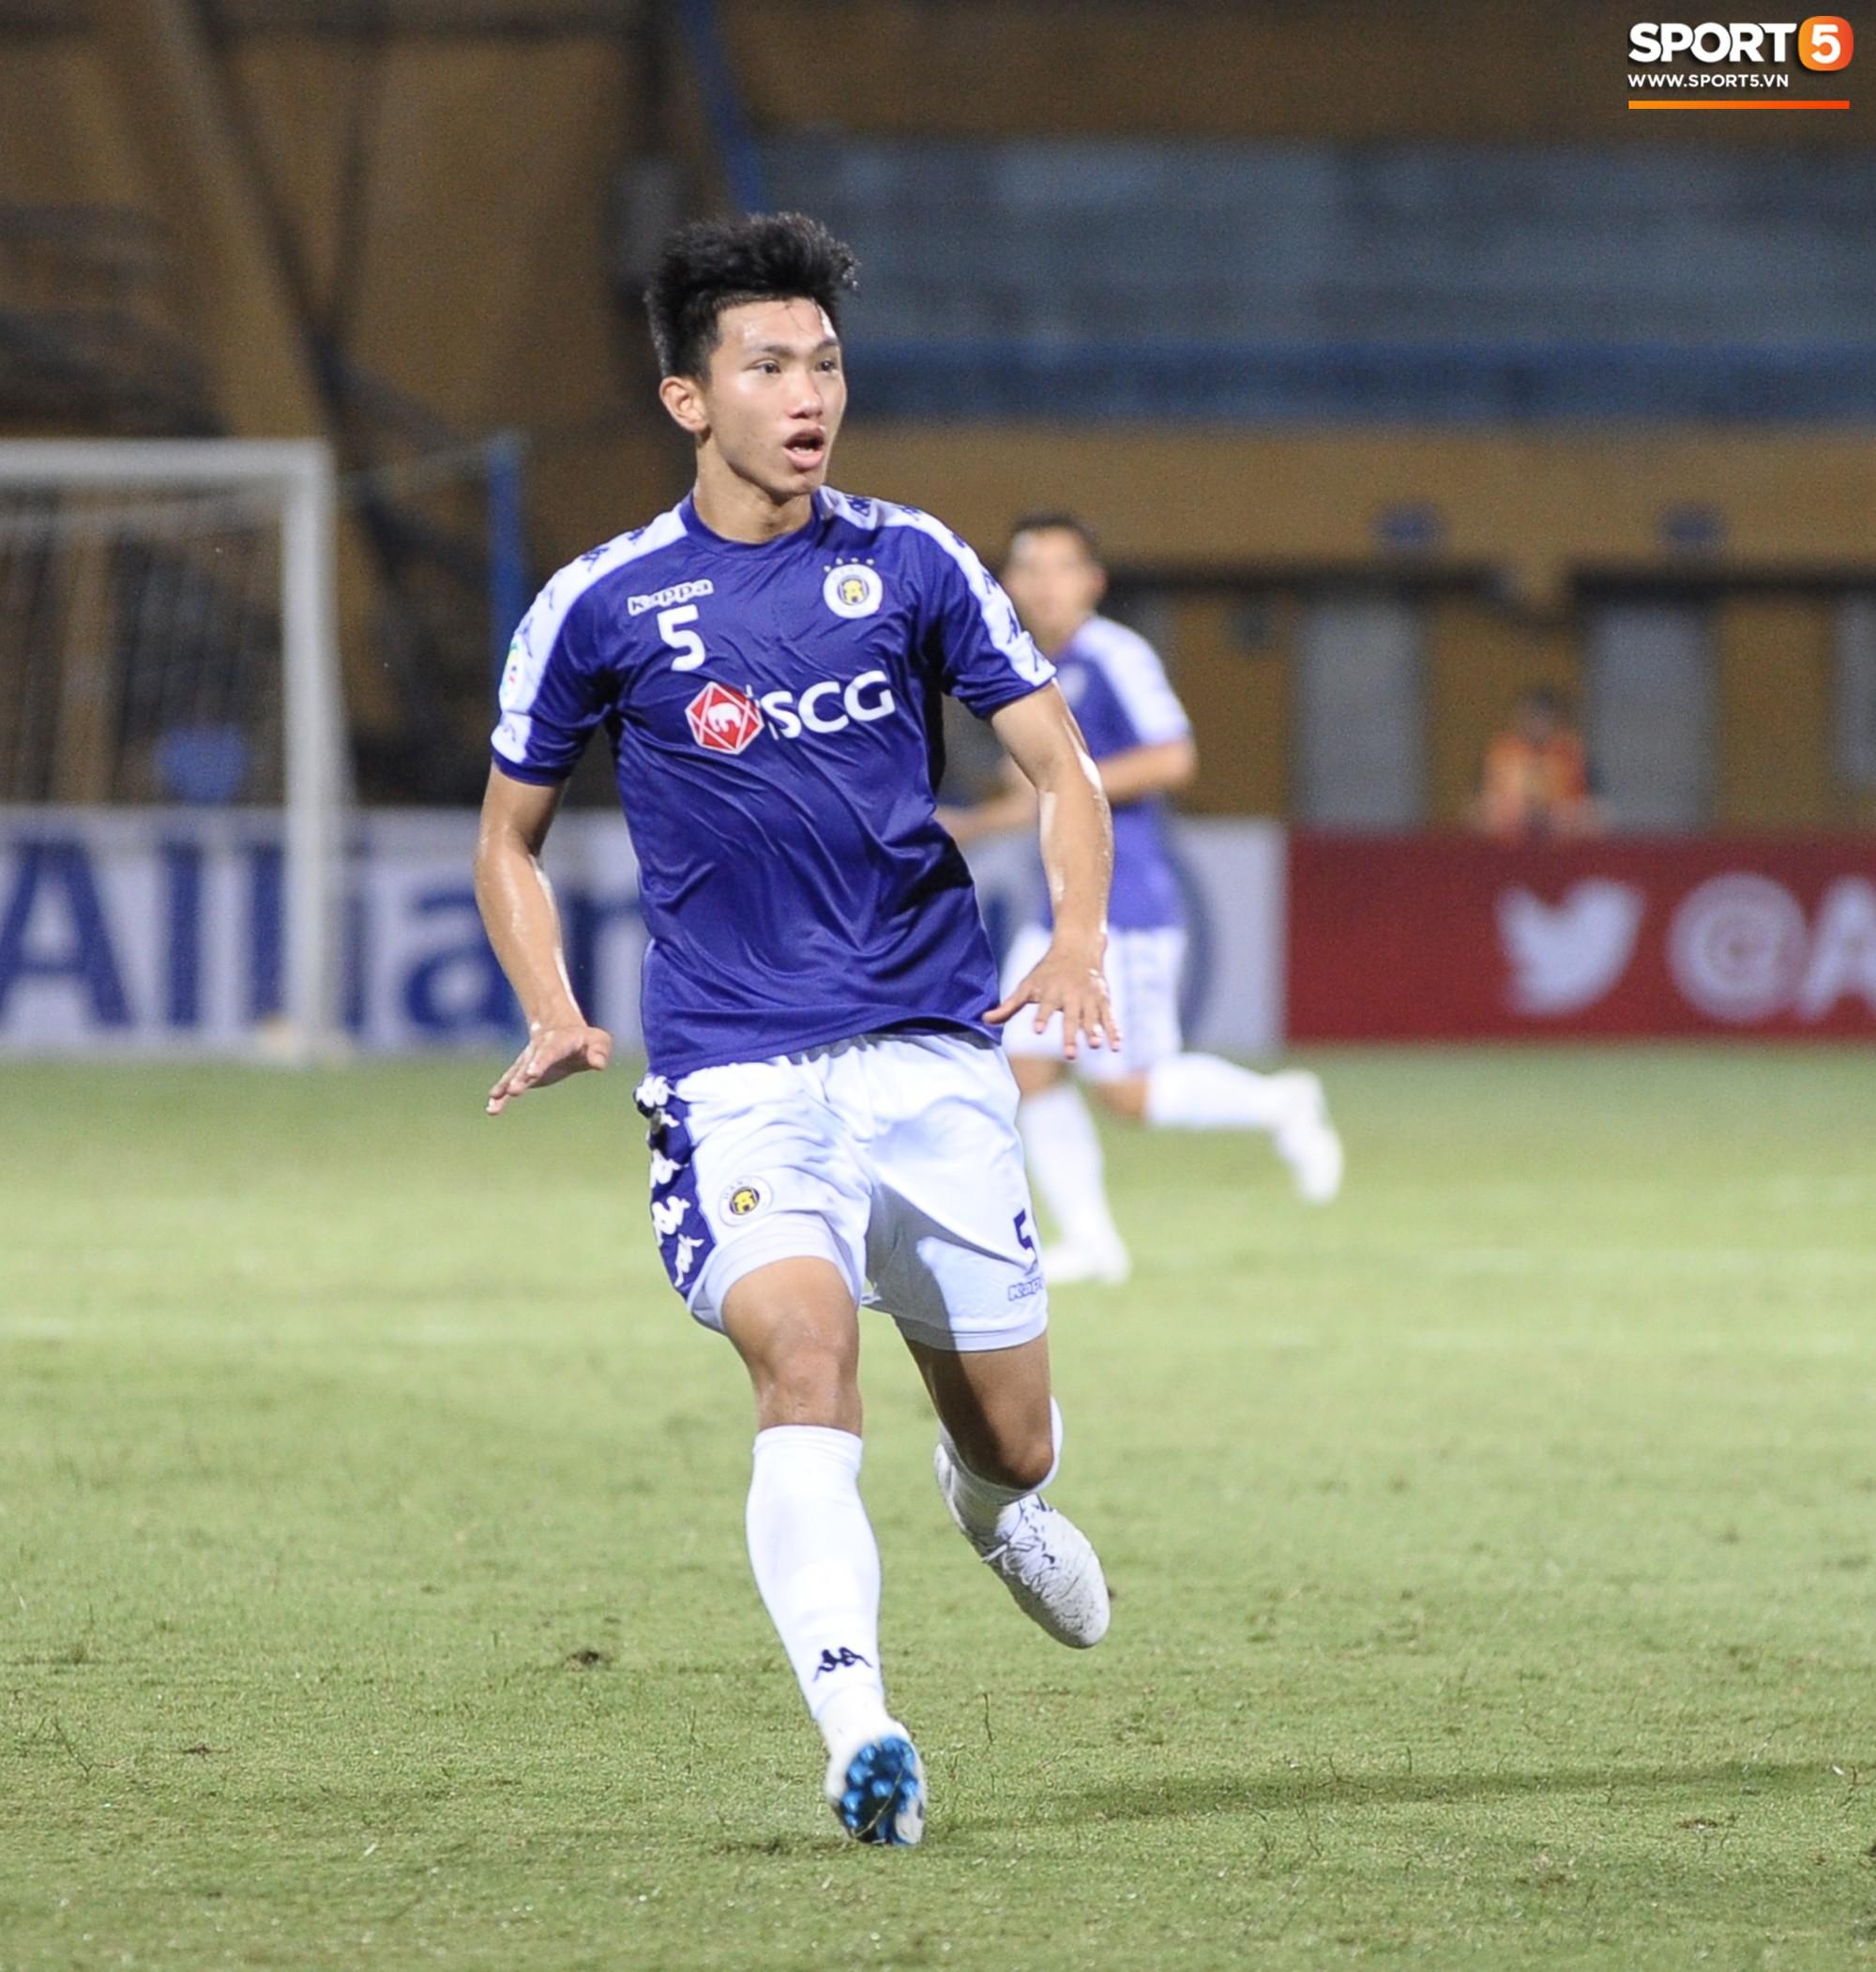 Trước tin đồn đến châu Âu thi đấu, Đoàn Văn Hậu vẫn nỗ lực hết mình vì Hà Nội FC-12